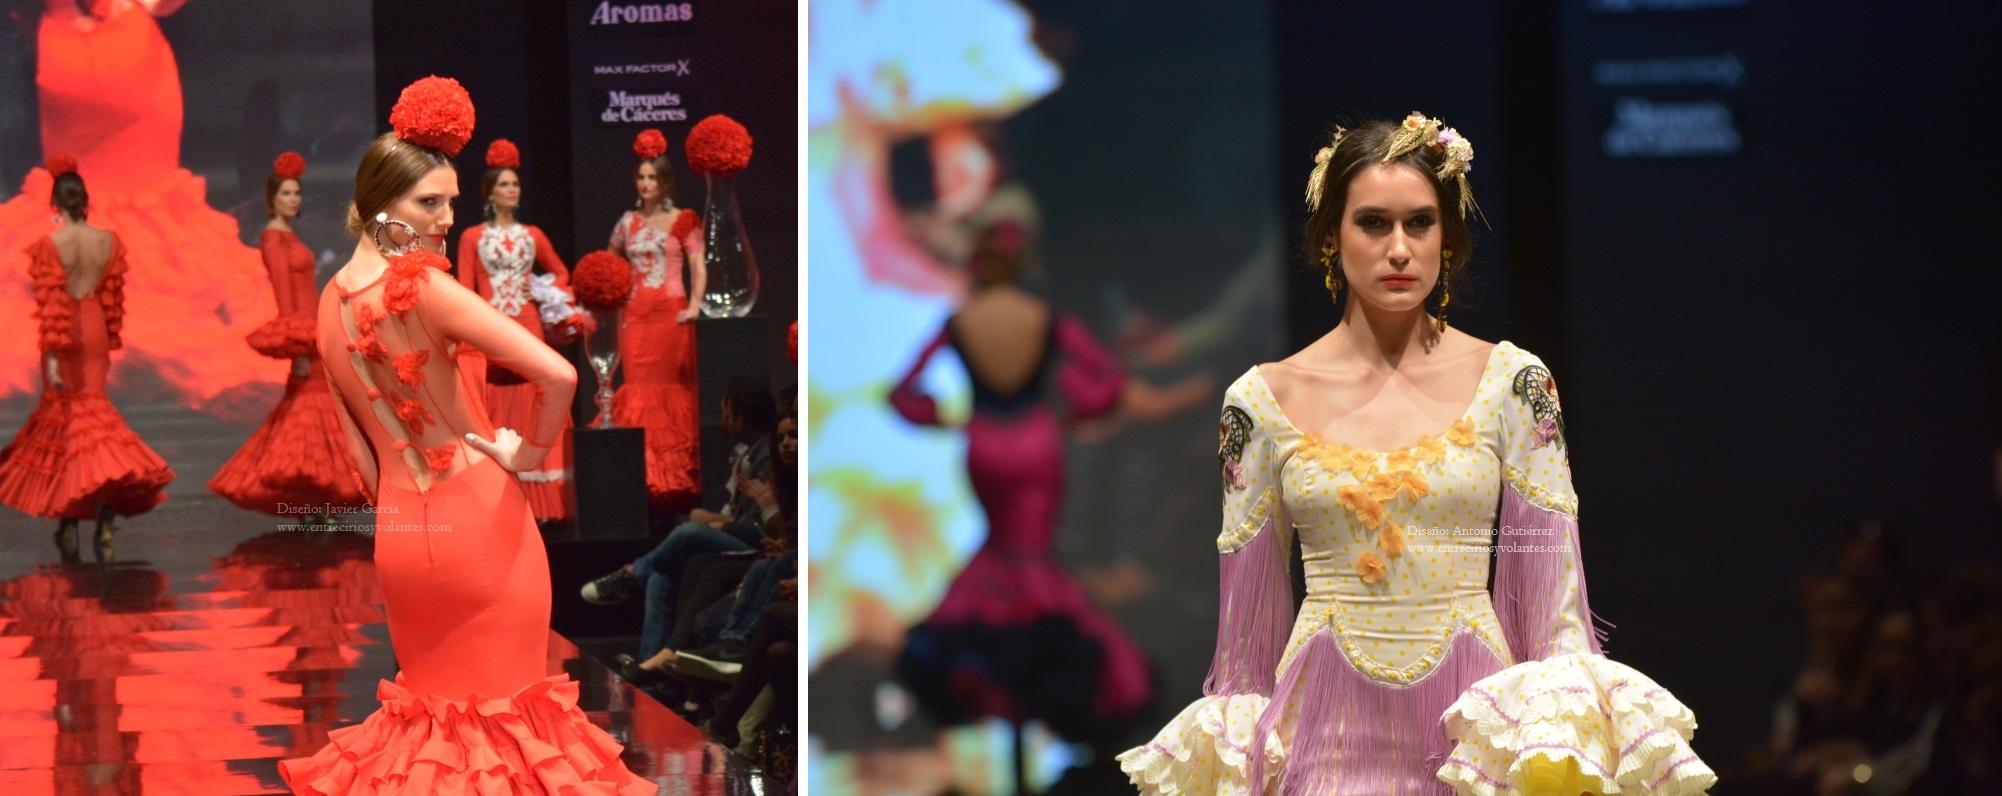 javier-garcia-y-antonio-gutierrez-trajes-de-flamenca-simof-2016-entre-cirios-y-volantes